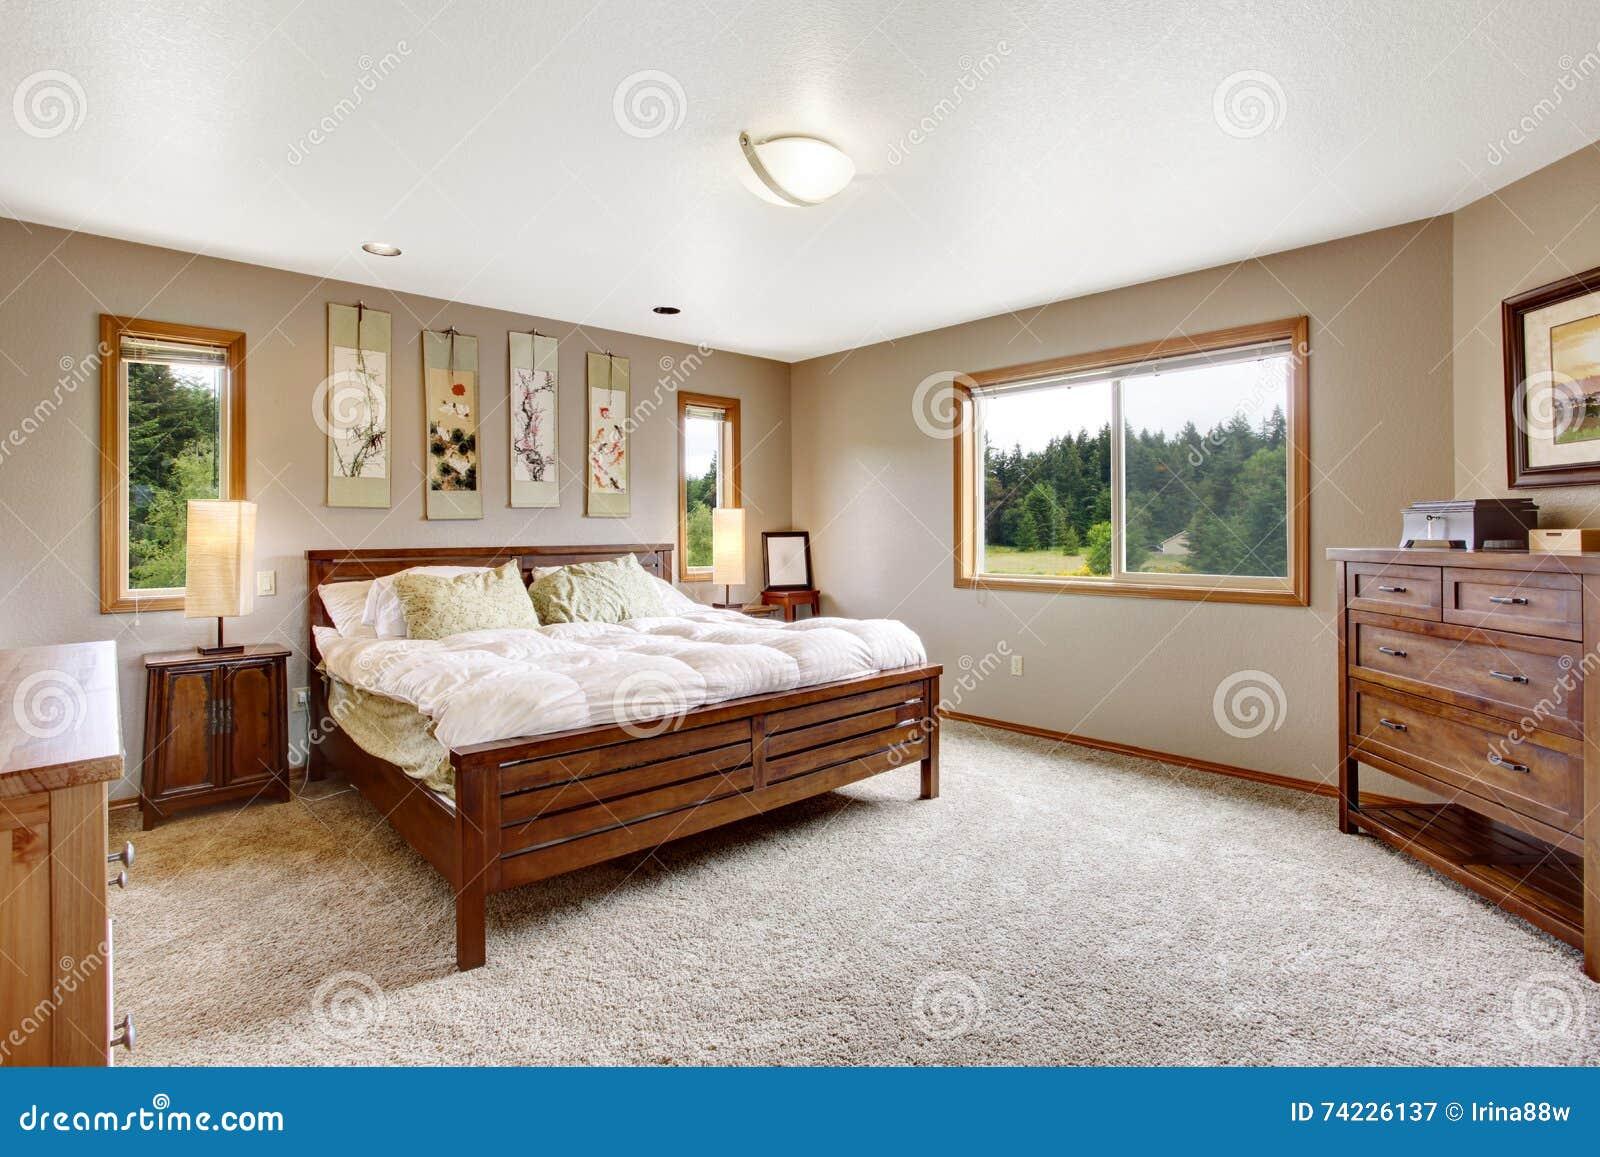 teppichboden für badezimmer | jtleigh - hausgestaltung ideen